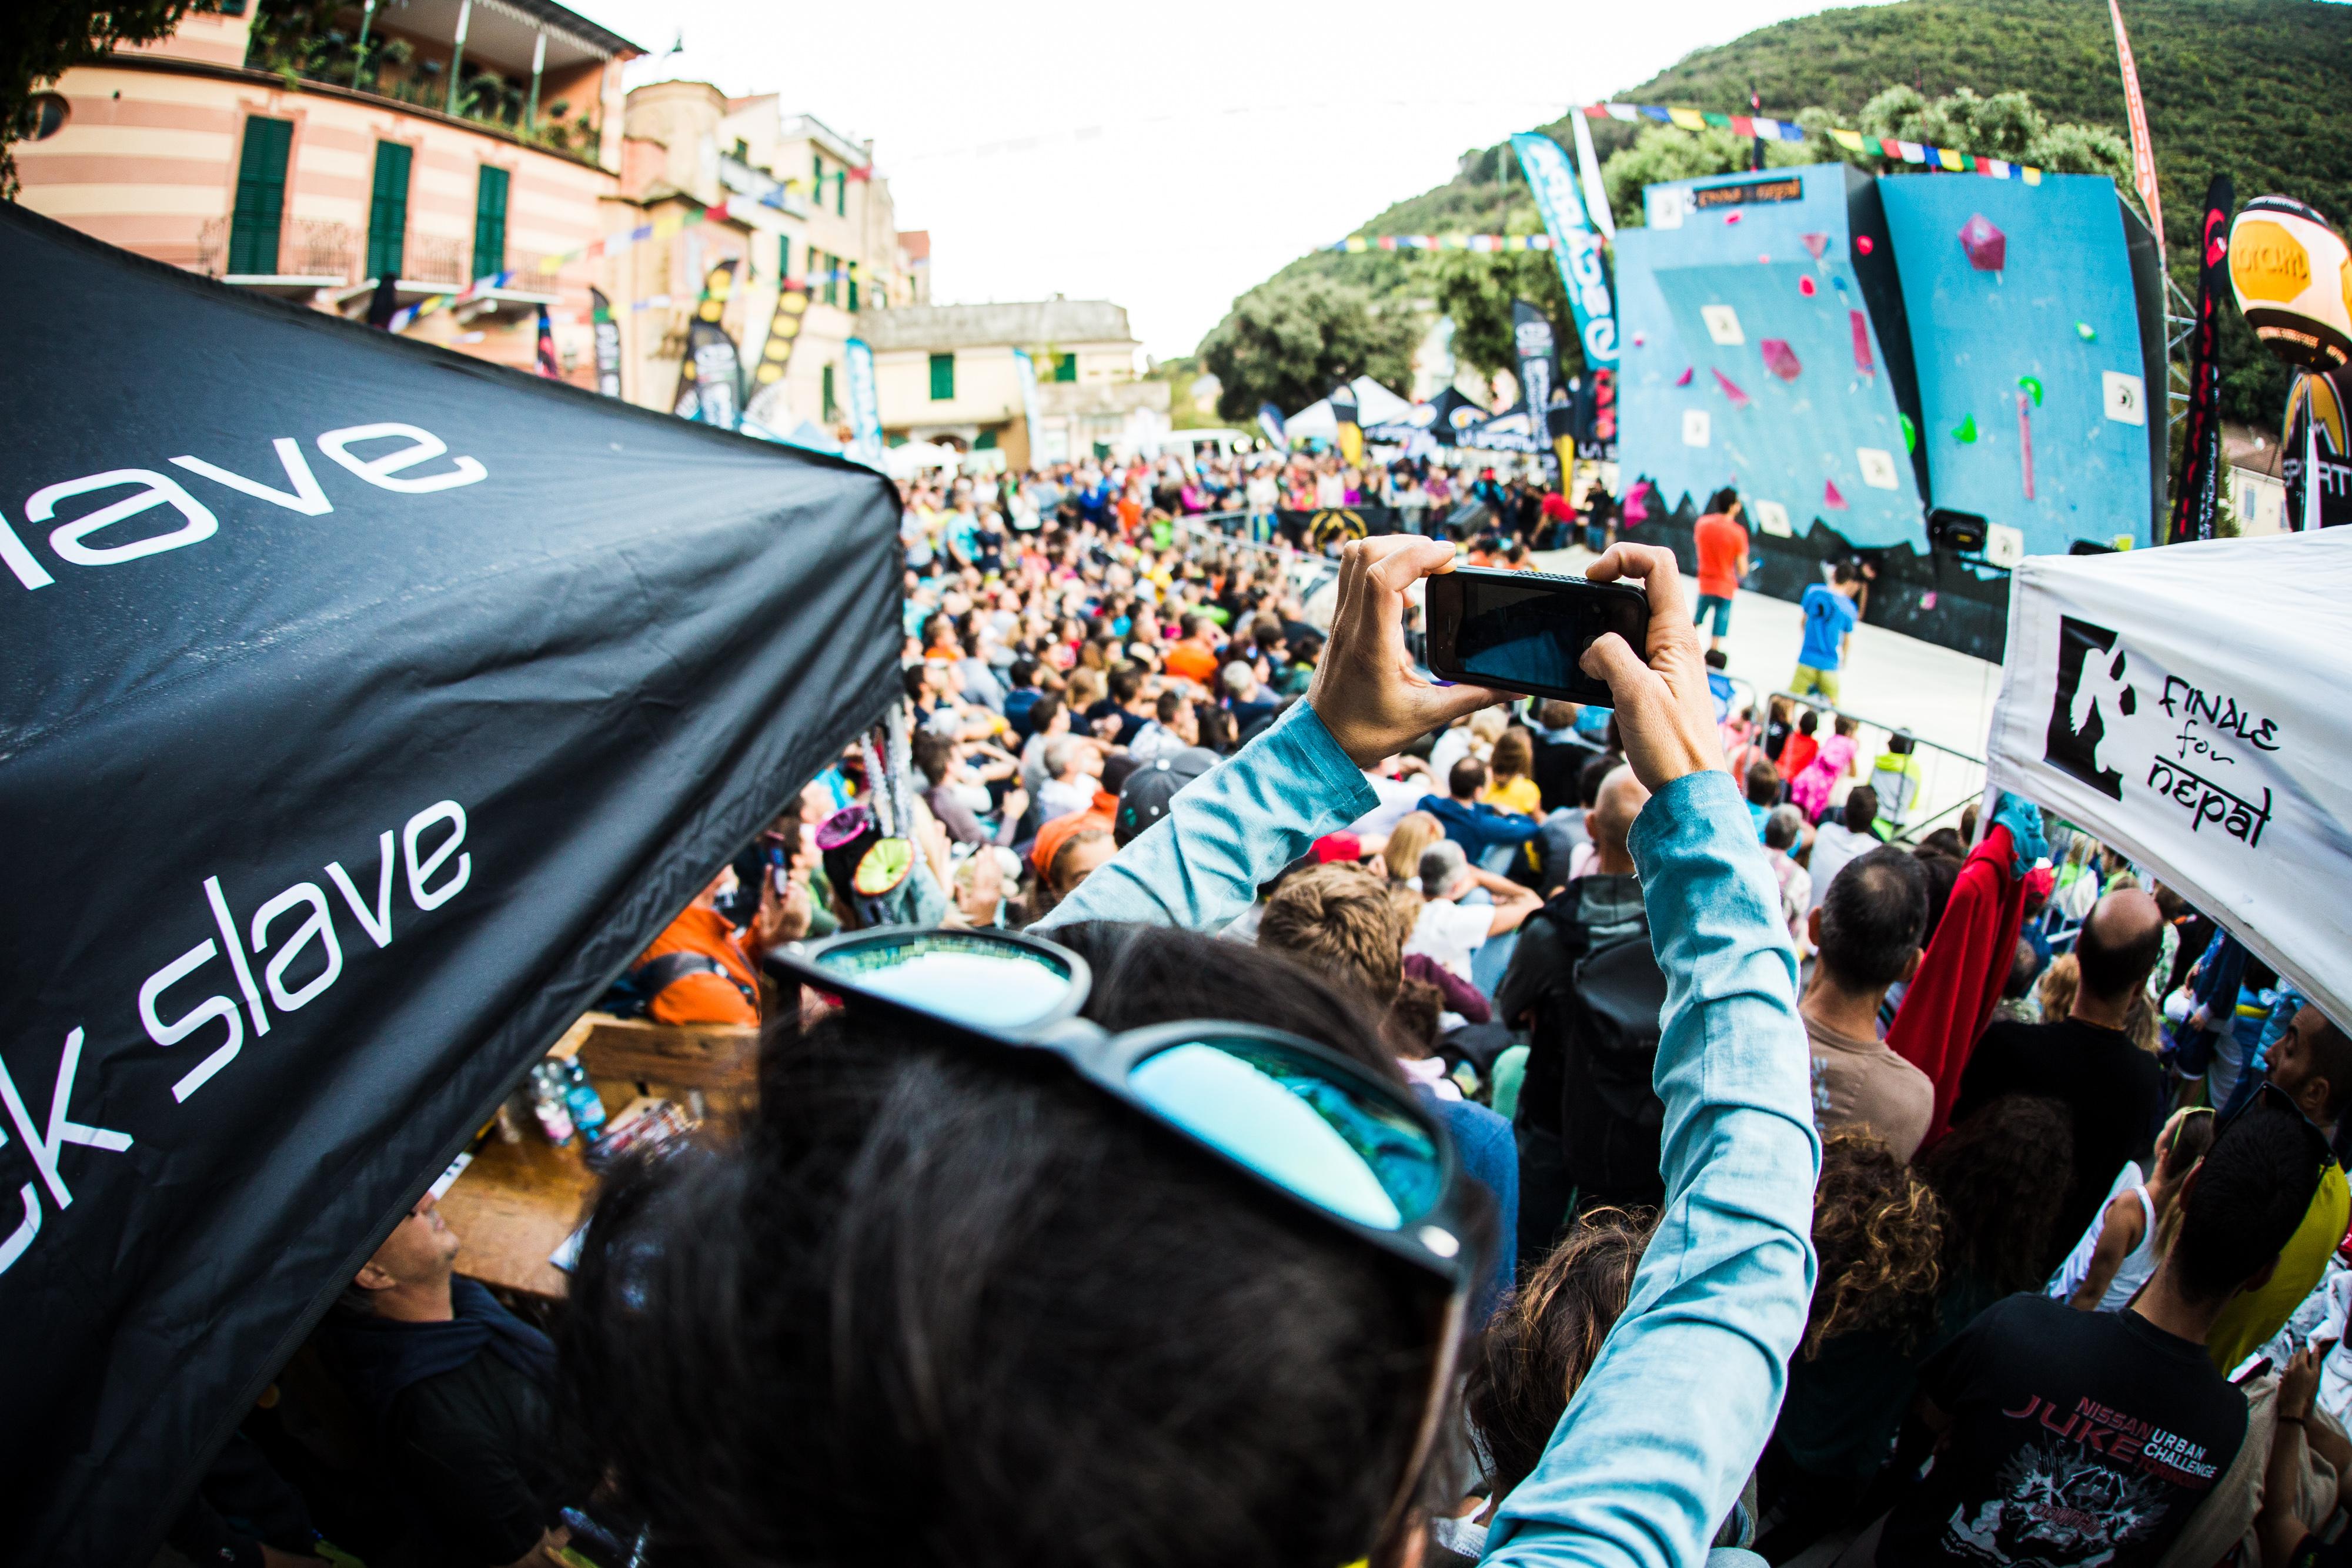 ARCHIVIATA CON SUCCESSO L'OTTAVA EDIZIONE DI FINALE FOR NEPAL, PROSEGUE IL FLOW OUTDOOR FESTIVAL CON IL MONDIALE DI MOUNTAIN BIKE FINALENDURO